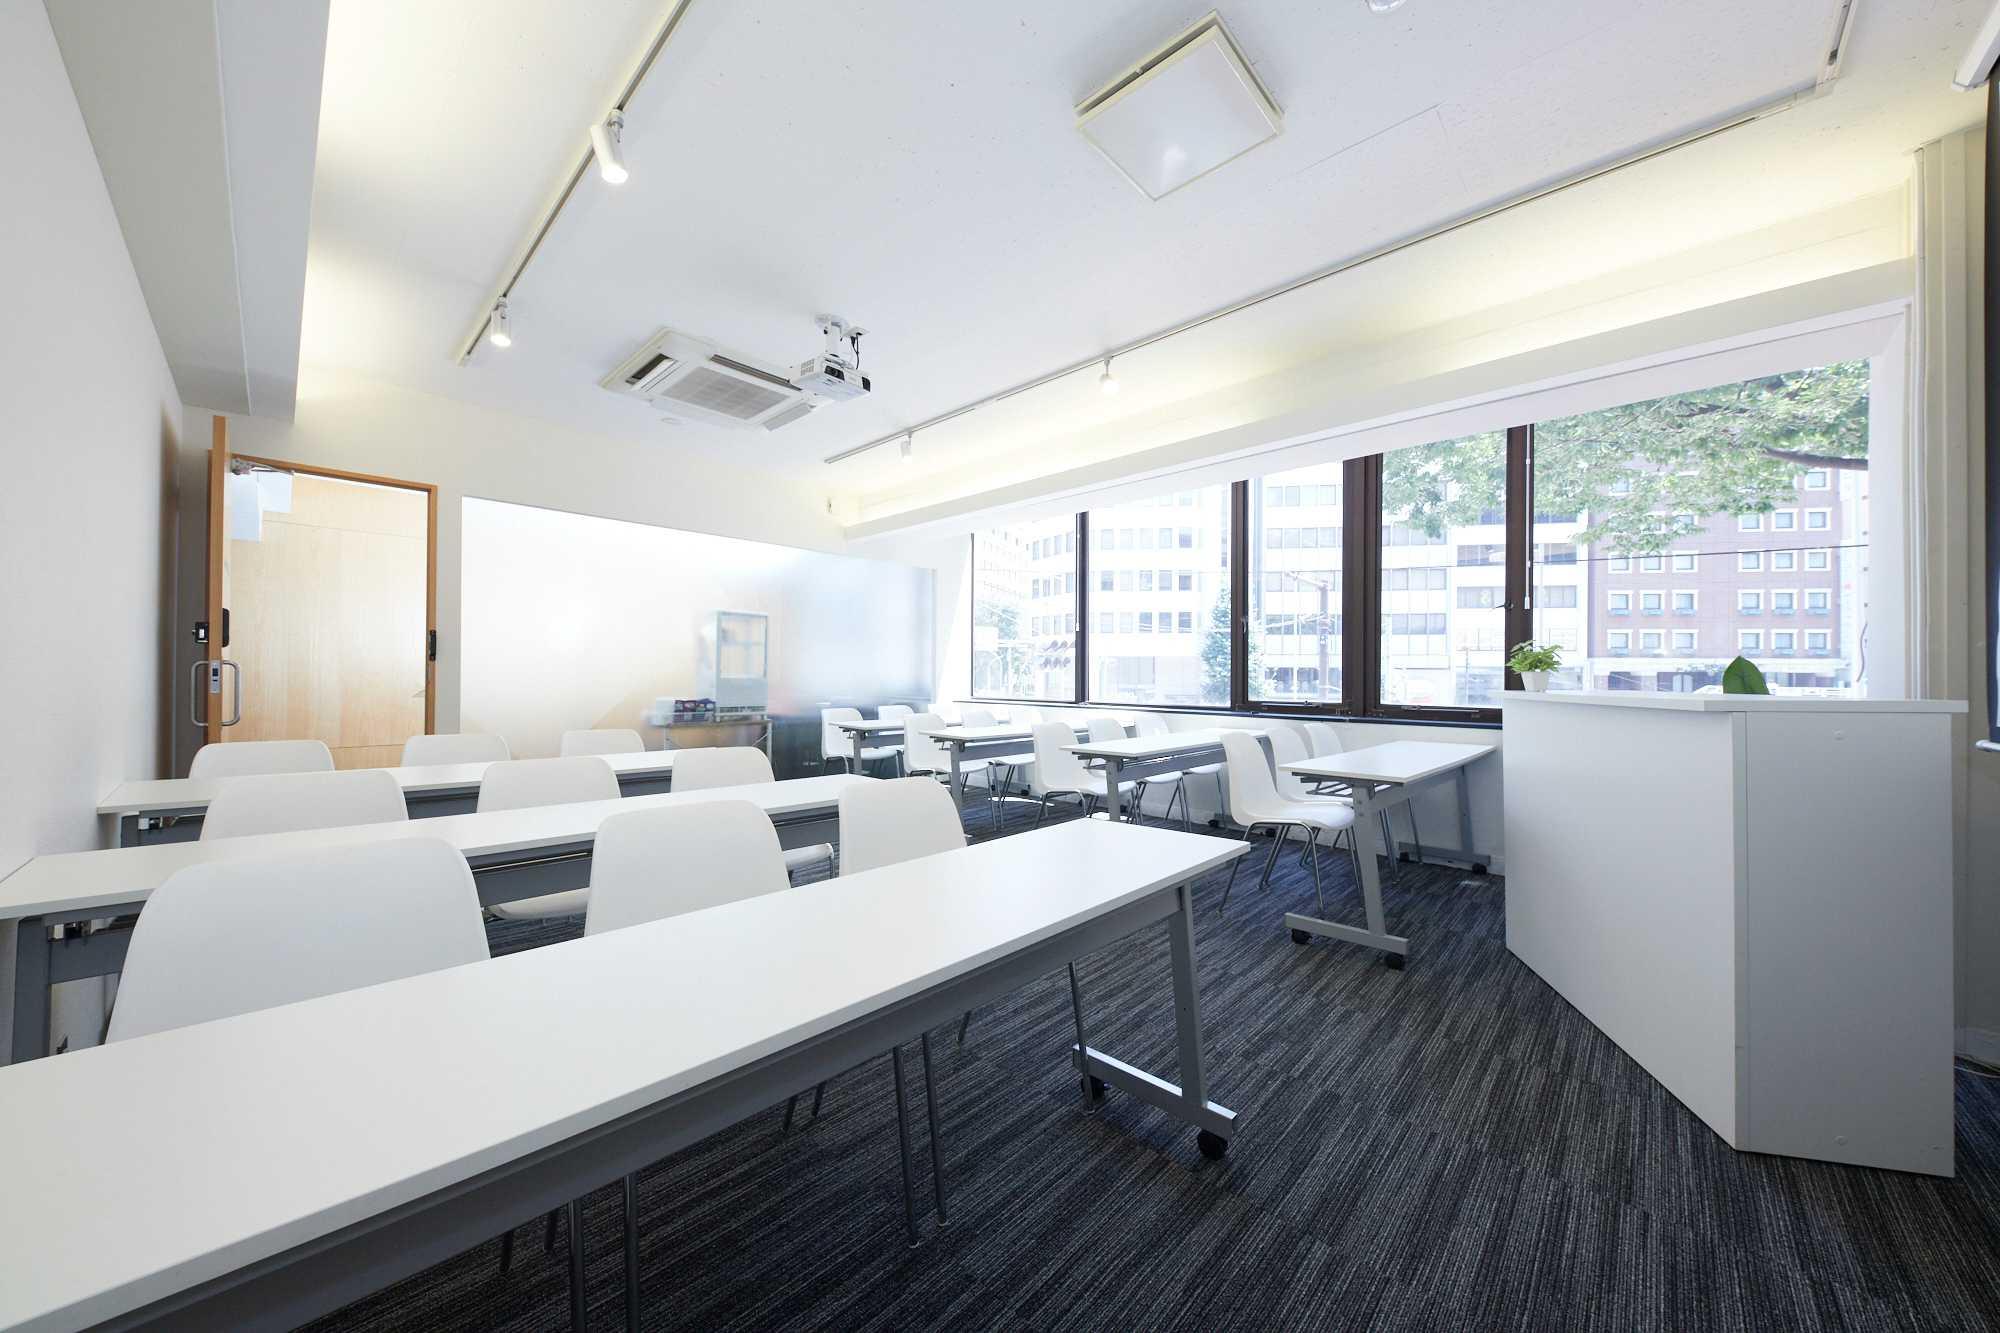 渋谷駅から徒歩4分!みんなの会議室渋谷宮益坂2A・2Bへ潜入取材♪|TIME SHARING|タイムシェアリング |スペースマネジメント|あどばる|adval|SHARING